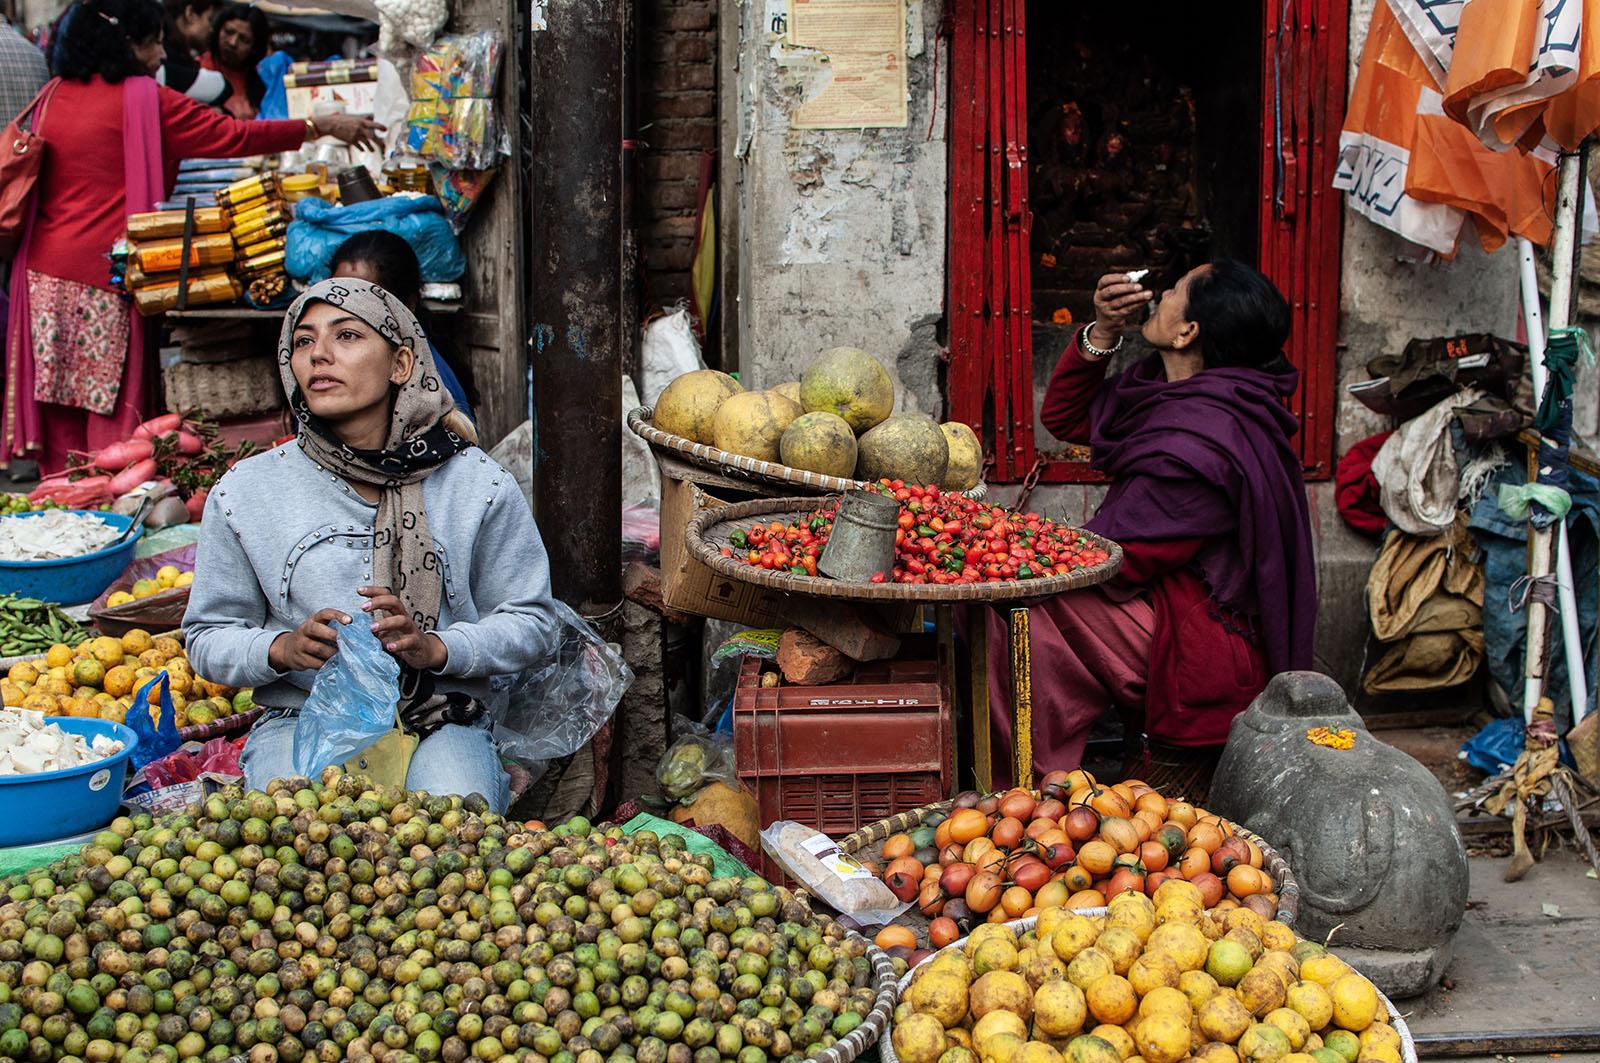 Busy market in Kathmandu, Nepal